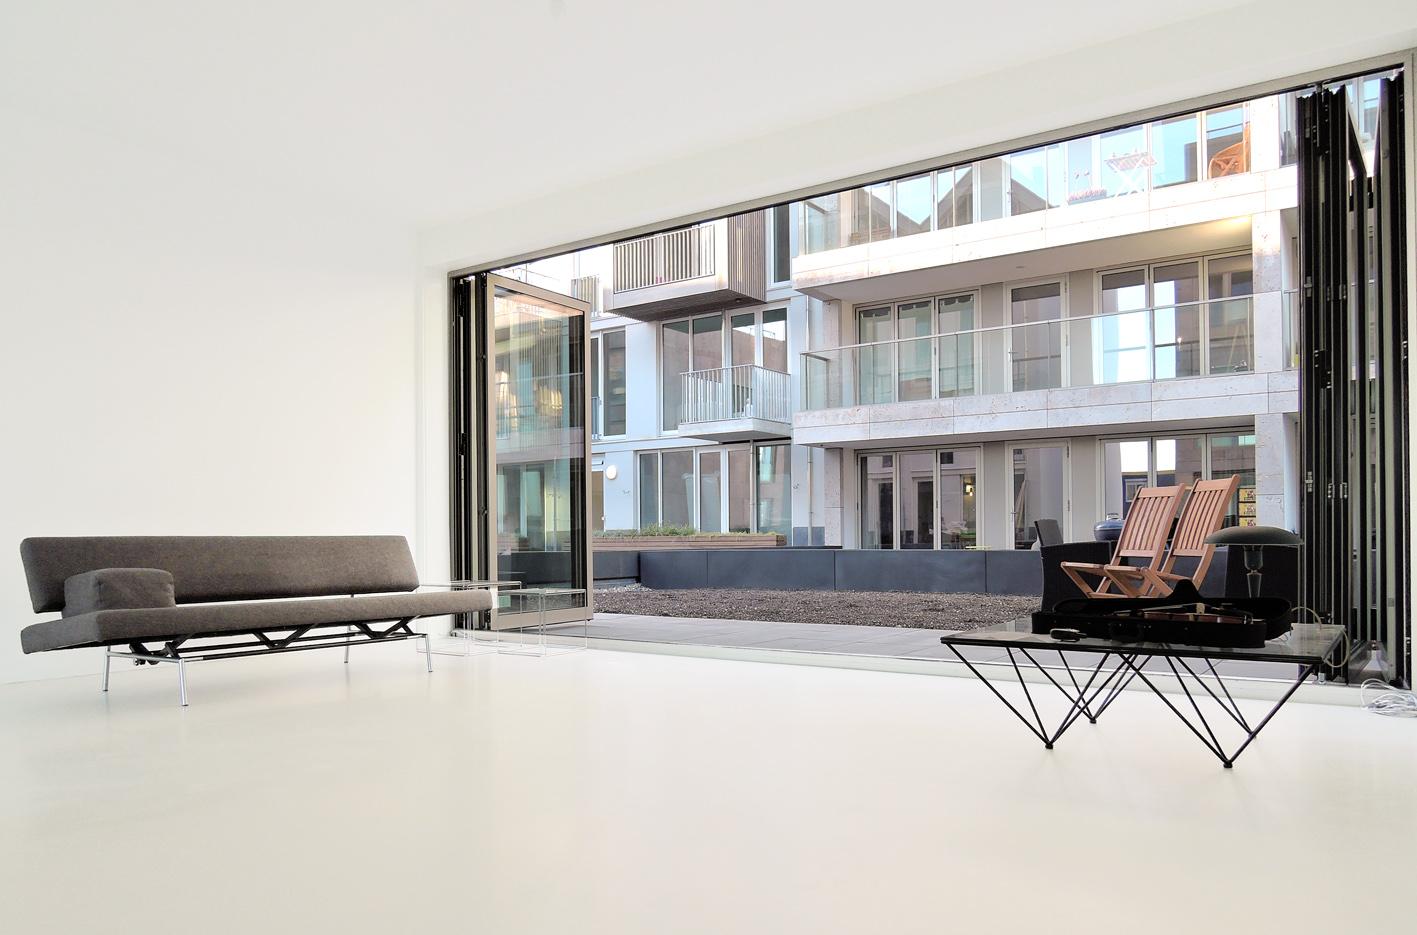 Atelier PUUUR BLOK interieur vouwpui herenhuis kadewoning BLOK0 Houthaven Amsterdam CO zelfbouw